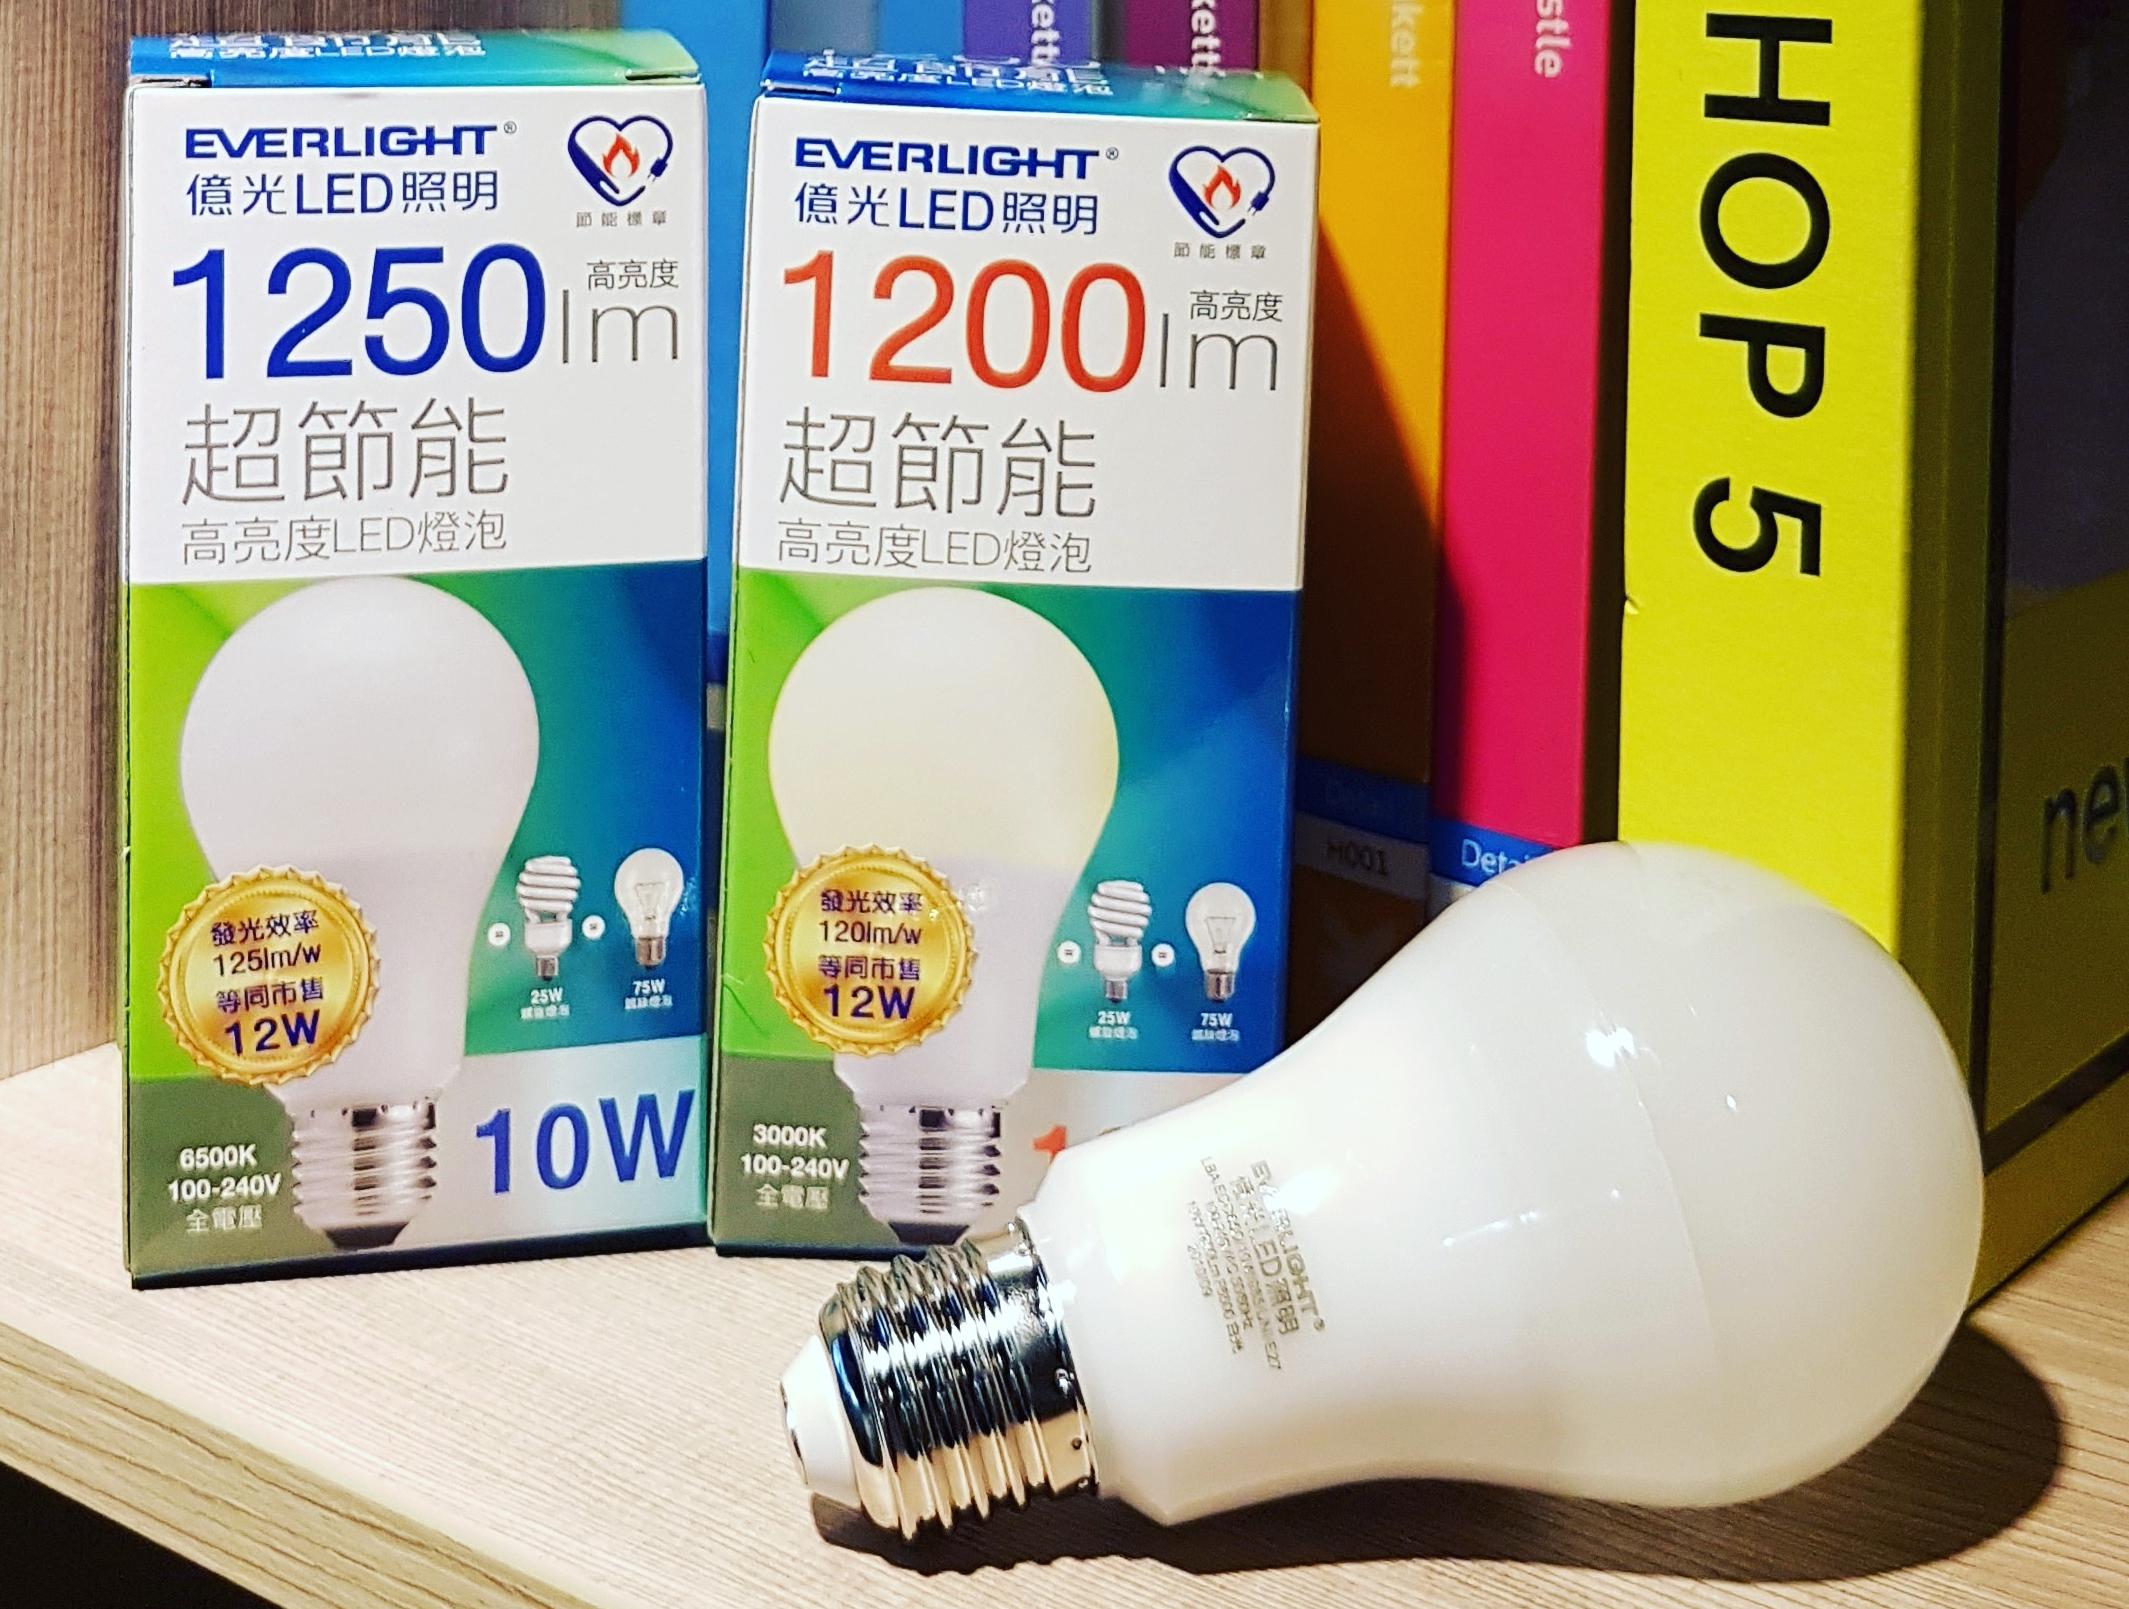 ★全新改版再升級★億光新一代 10W 超節能LED燈泡